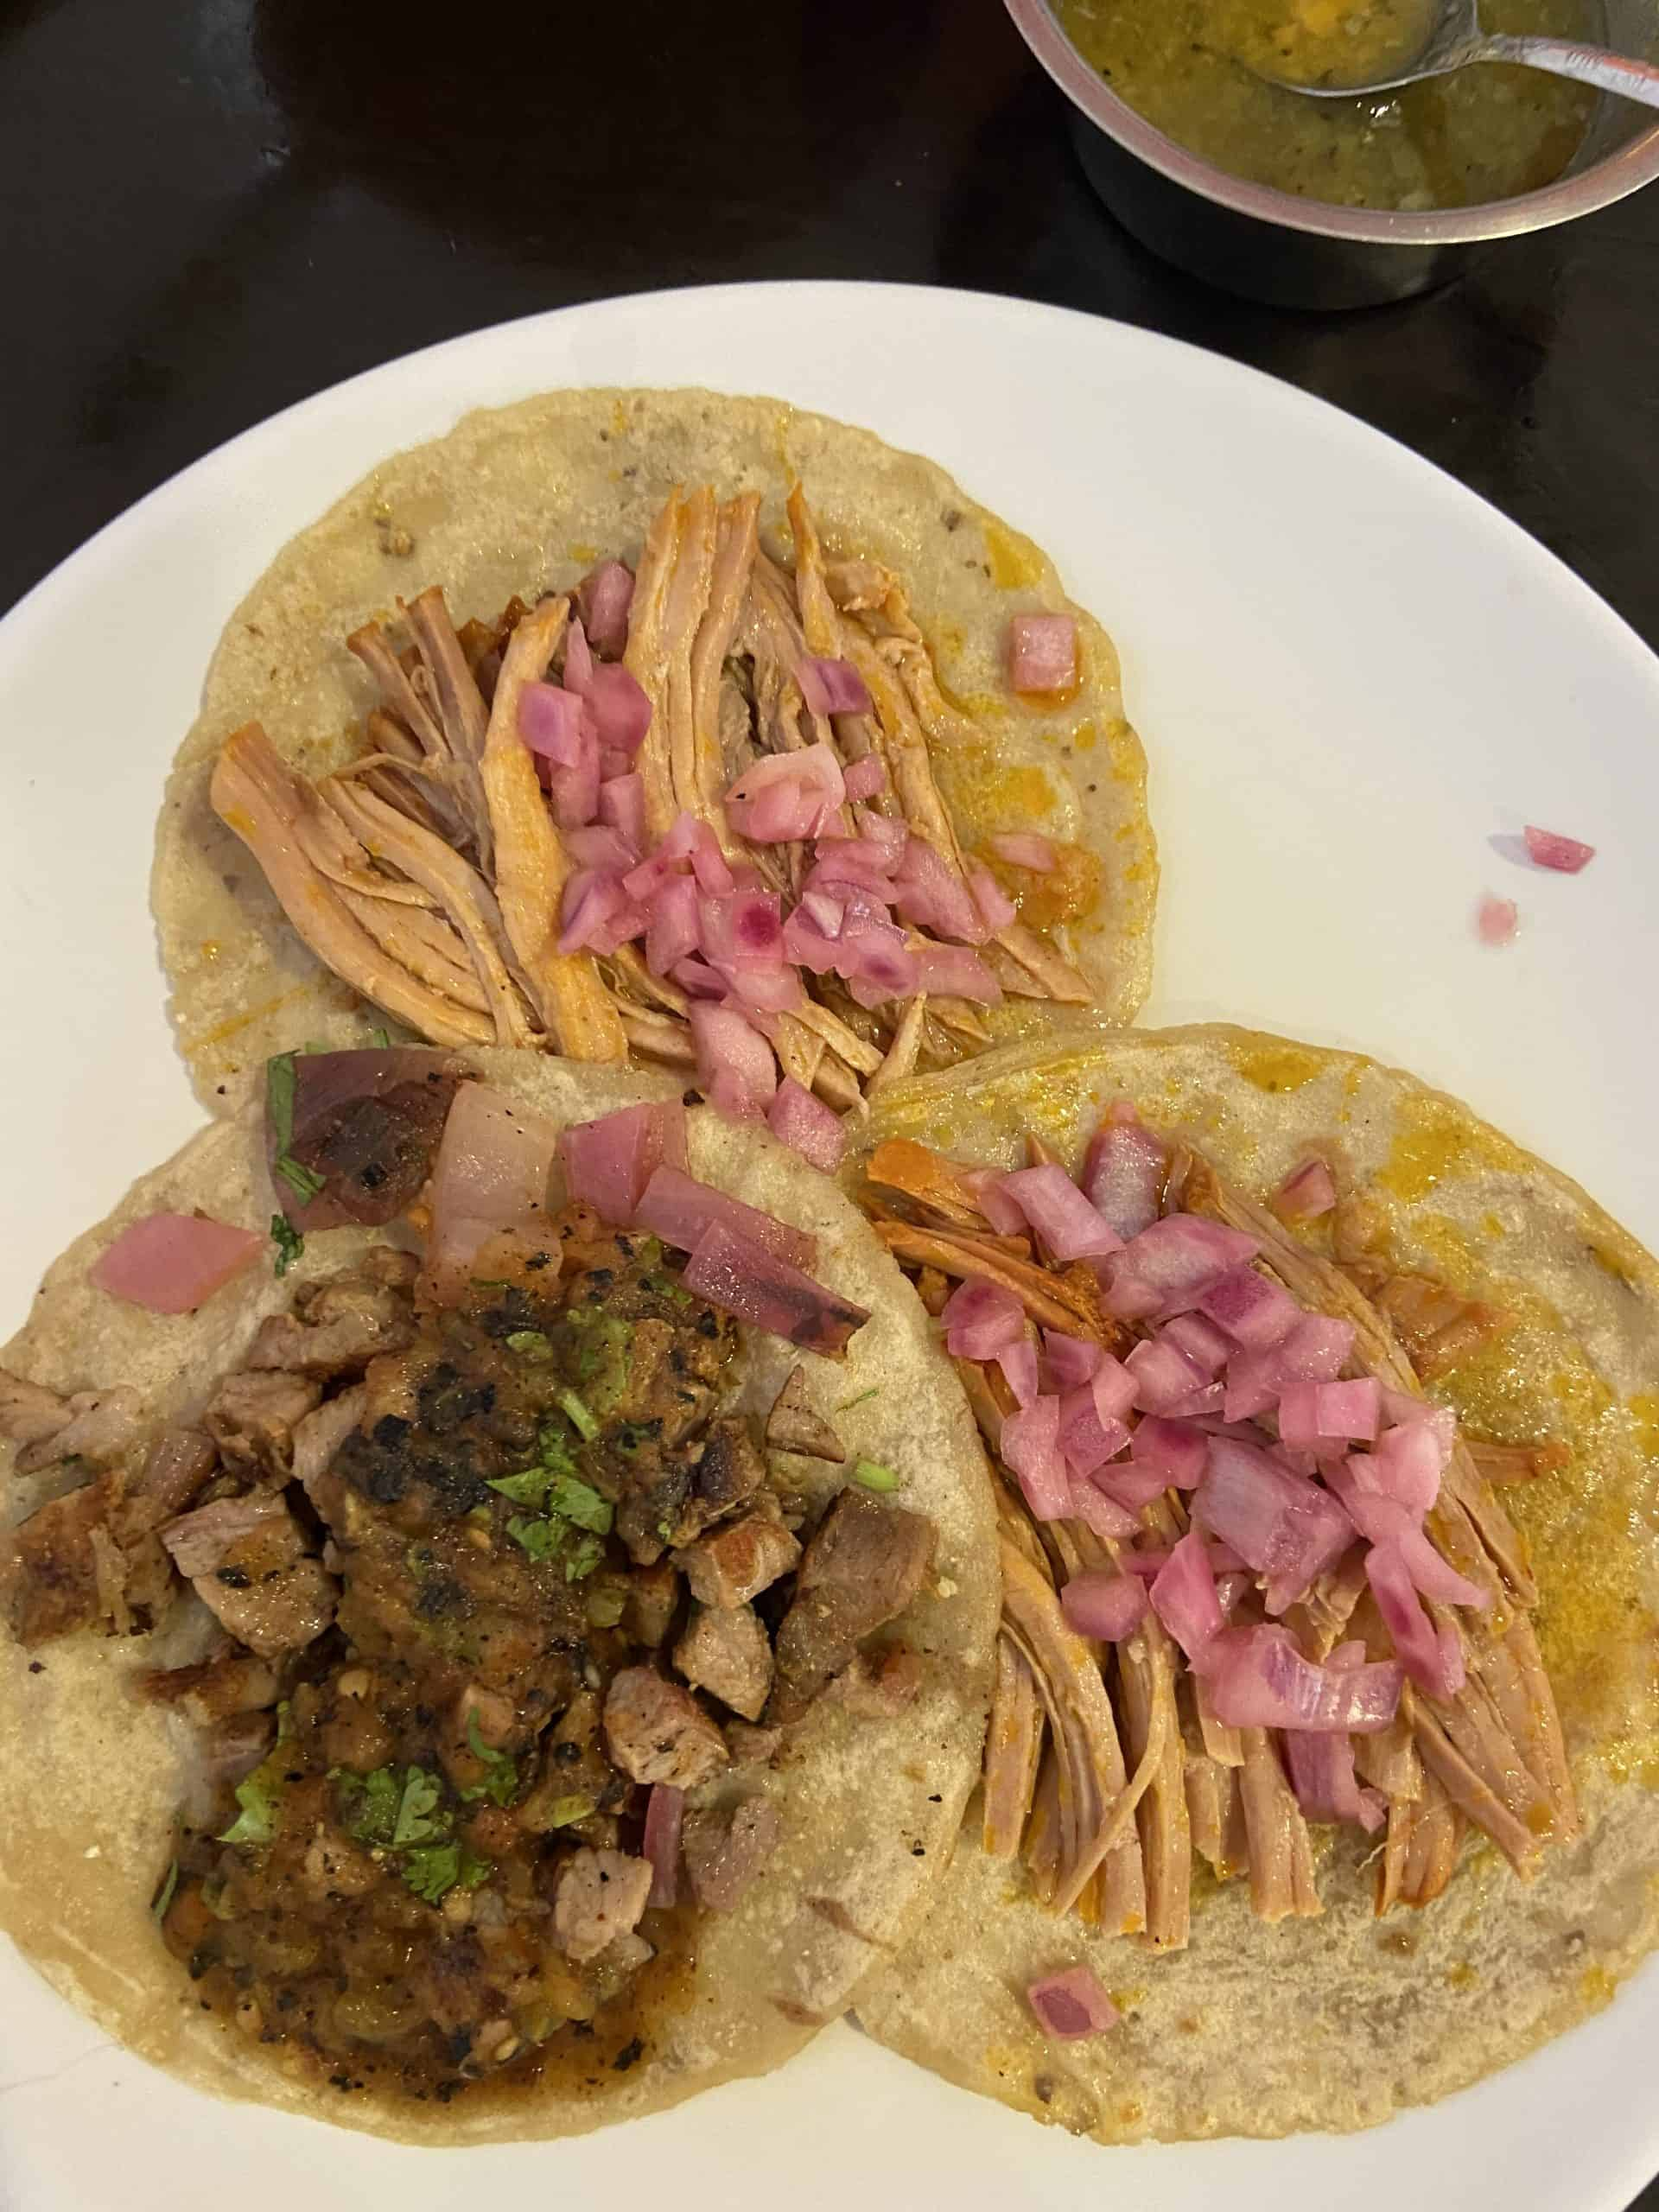 Tacos at Taqueria Honorio in Tulum